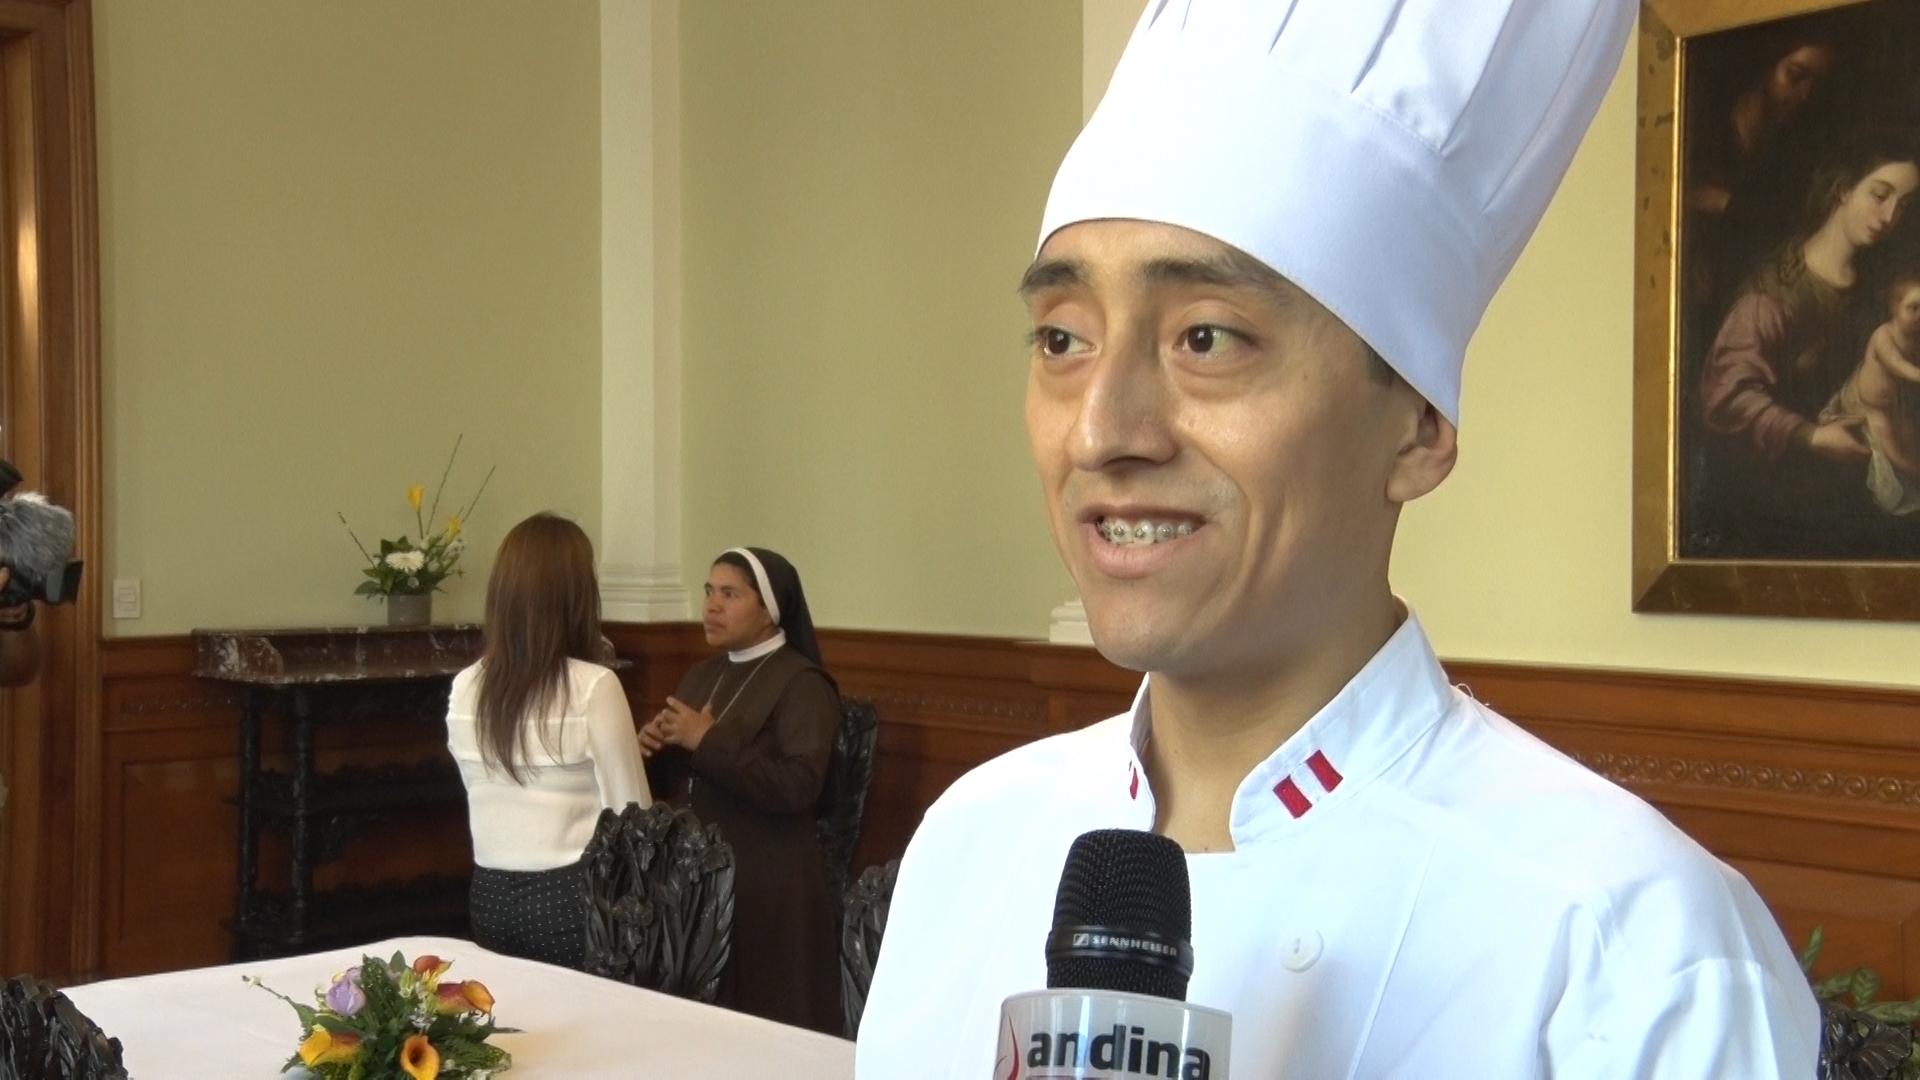 Chef peruano ofrecerá cebiche, lomo saltado y pisco sour al Papa Francisco